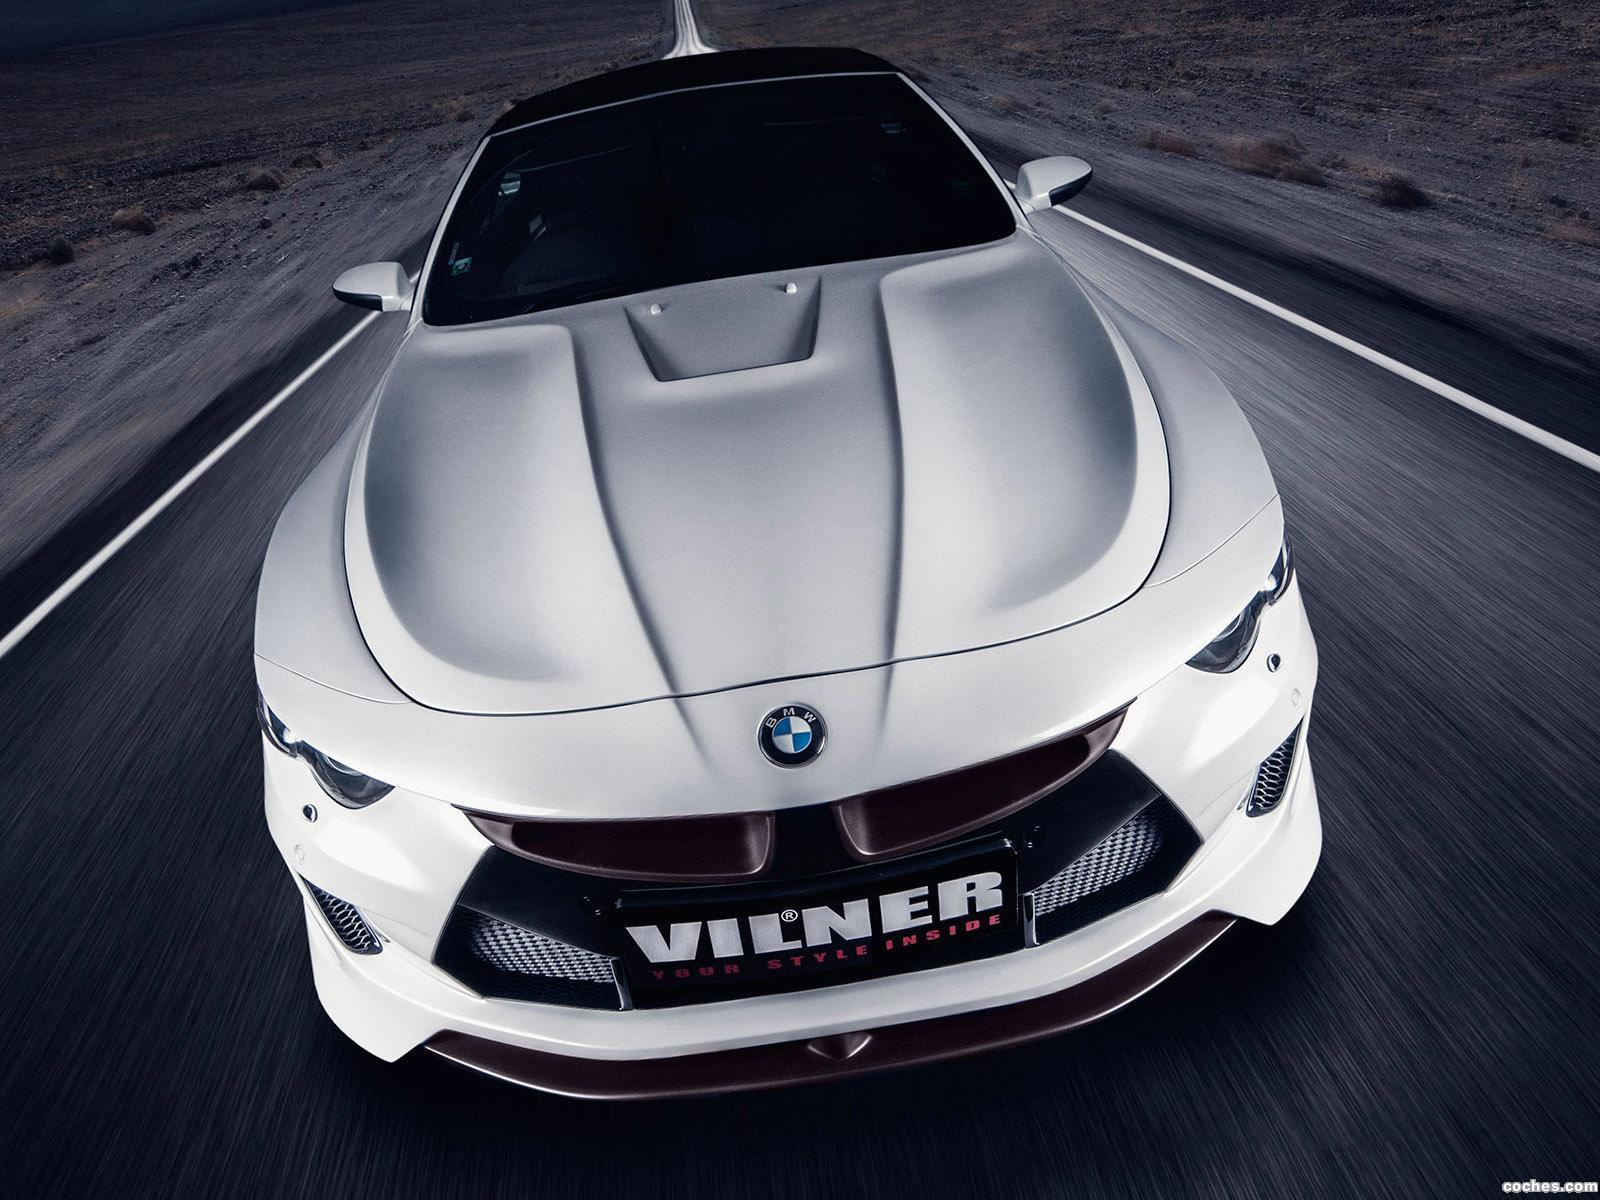 Foto 0 de BMW Vilner M6 Cabrio Stormtrooper 2014